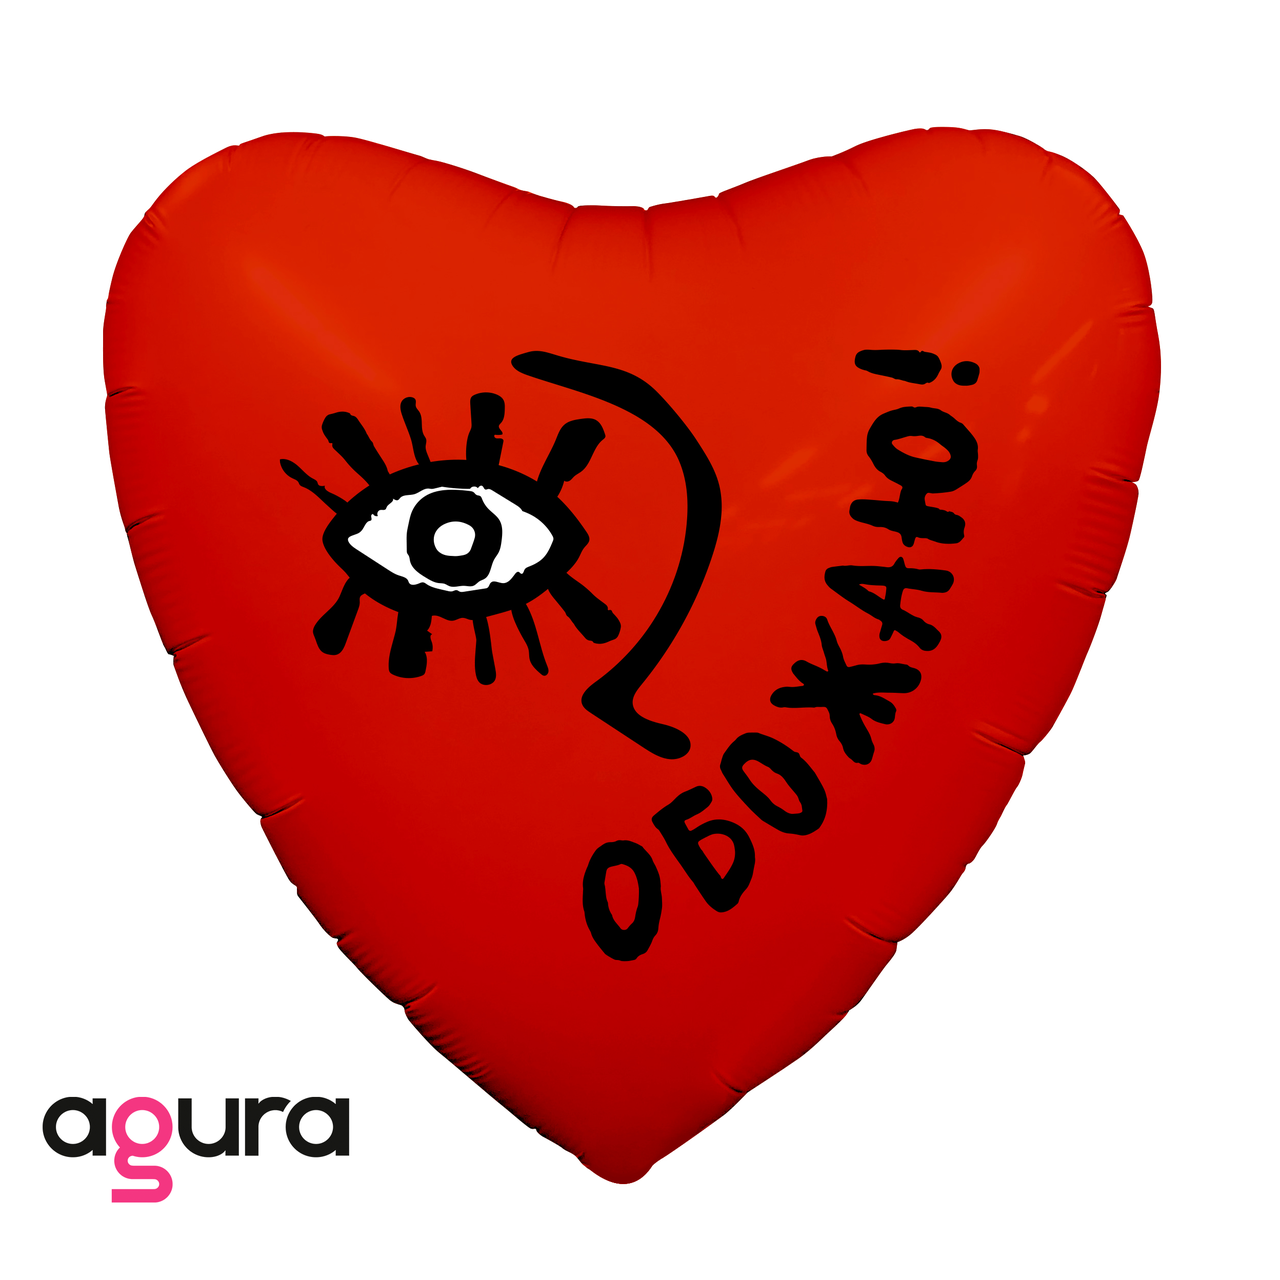 Фольгированный шар 19' Agura (Агура) Обожаю, 49 см